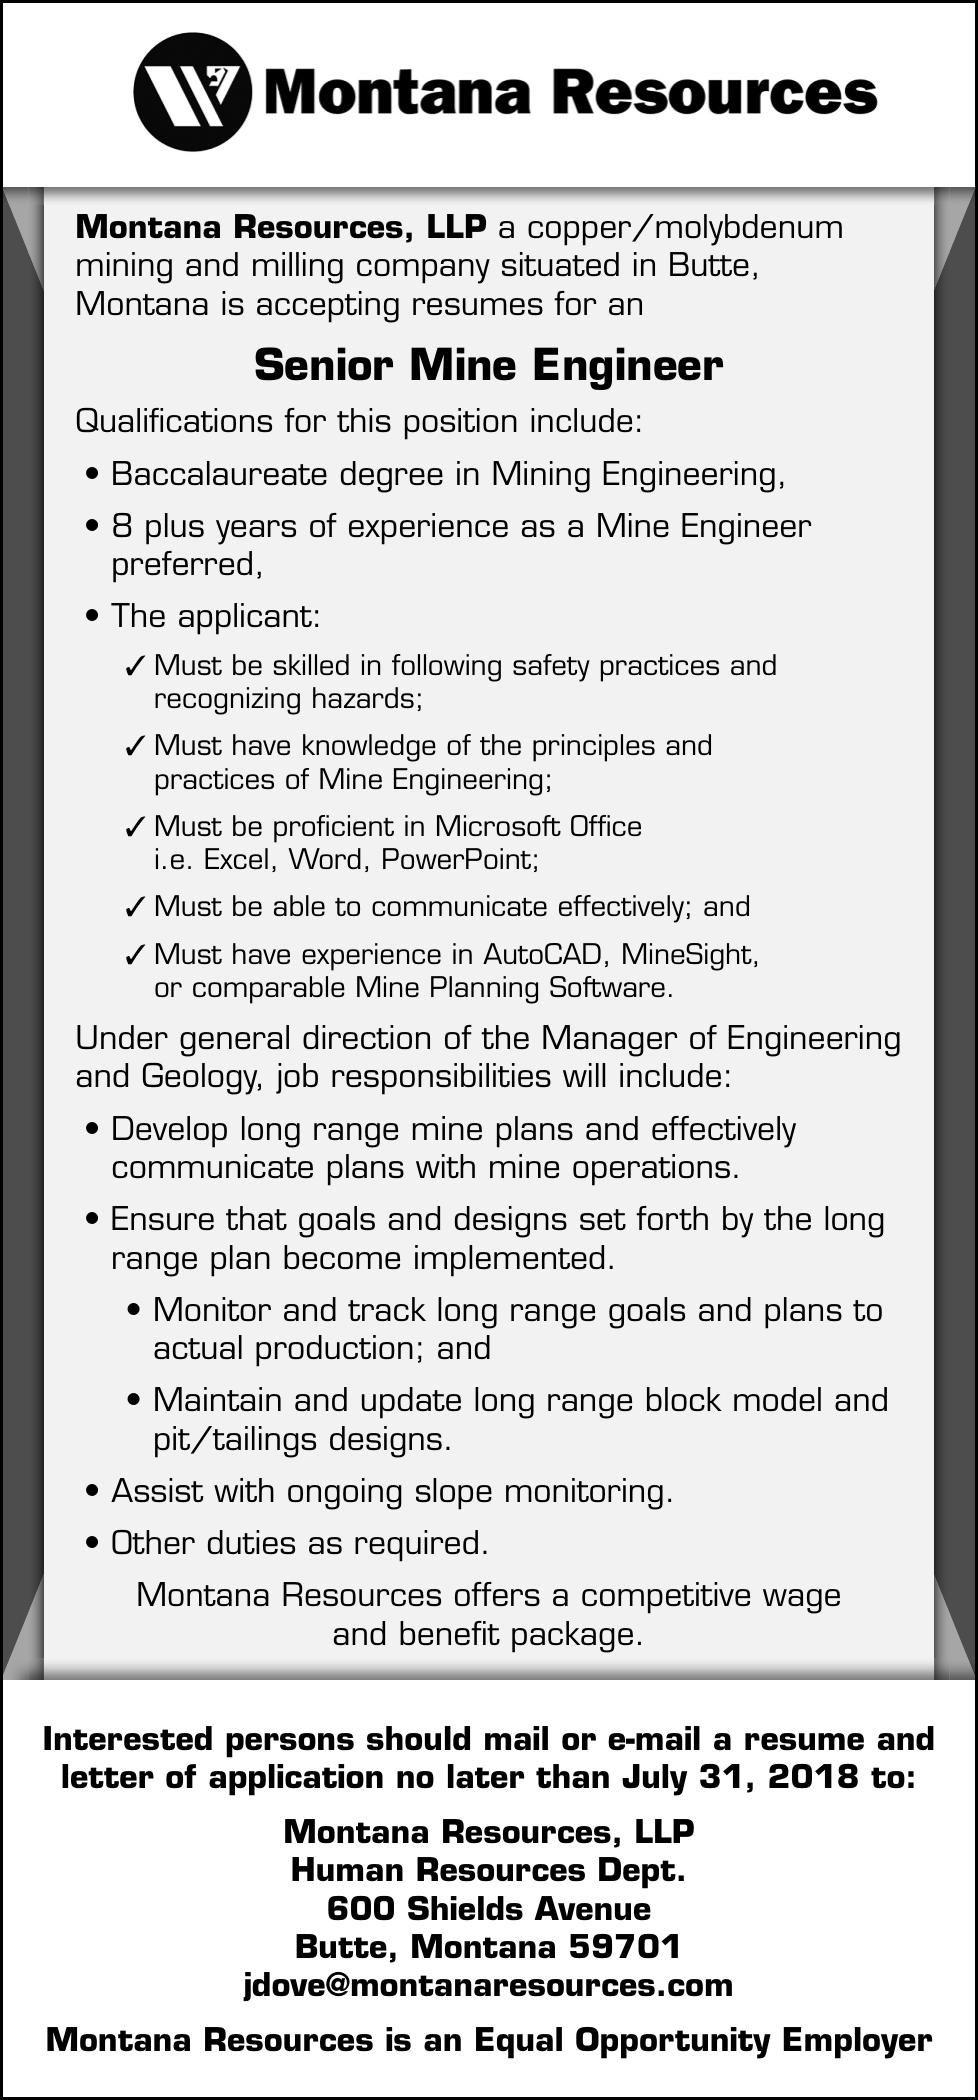 Sr. Mine Engineer